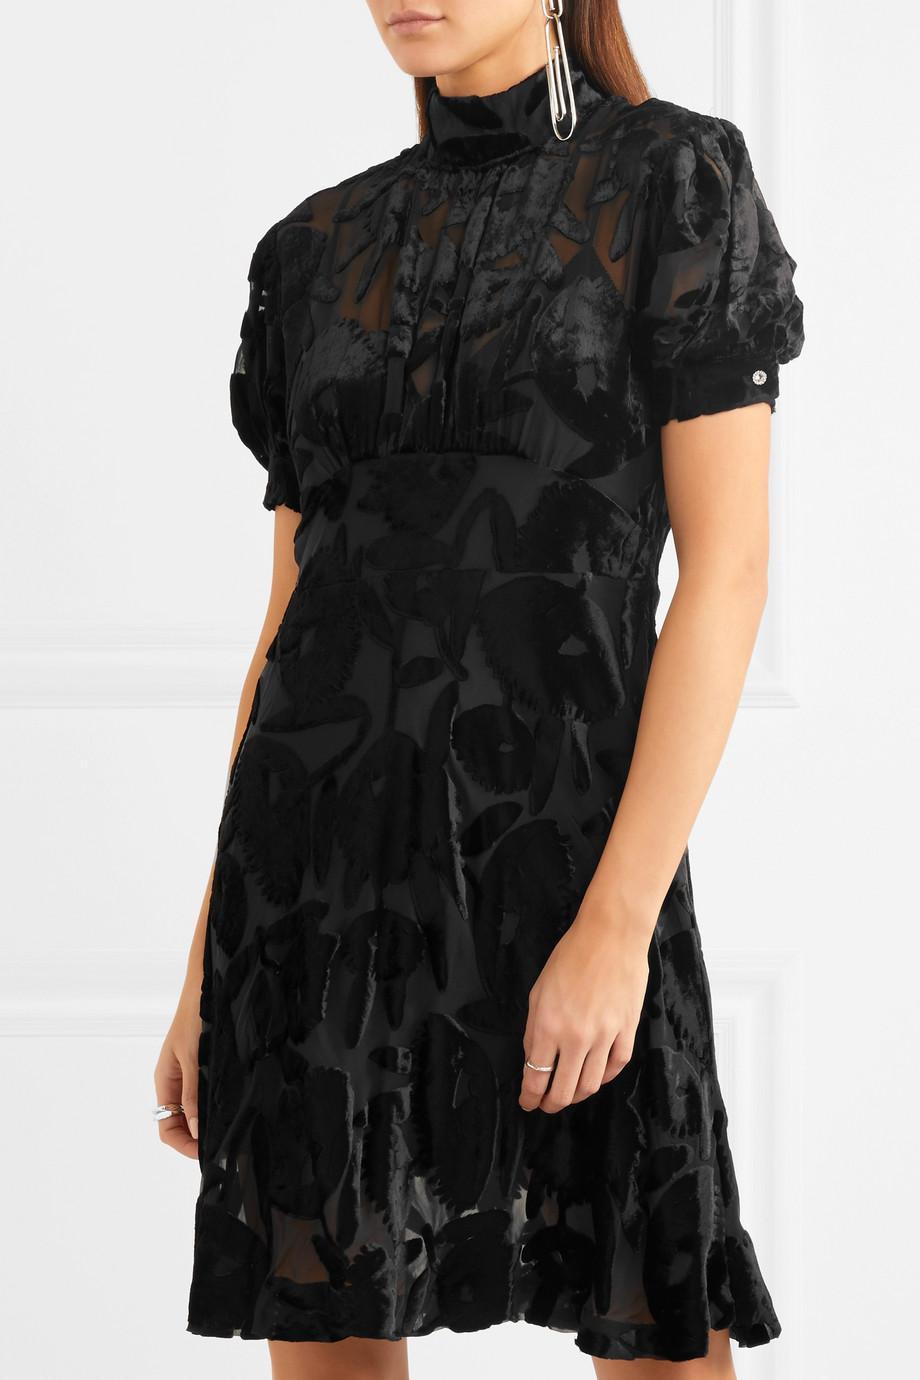 Crystal-embellished Devoré-velvet Dress - Black Alexander McQueen g7Xtmjt